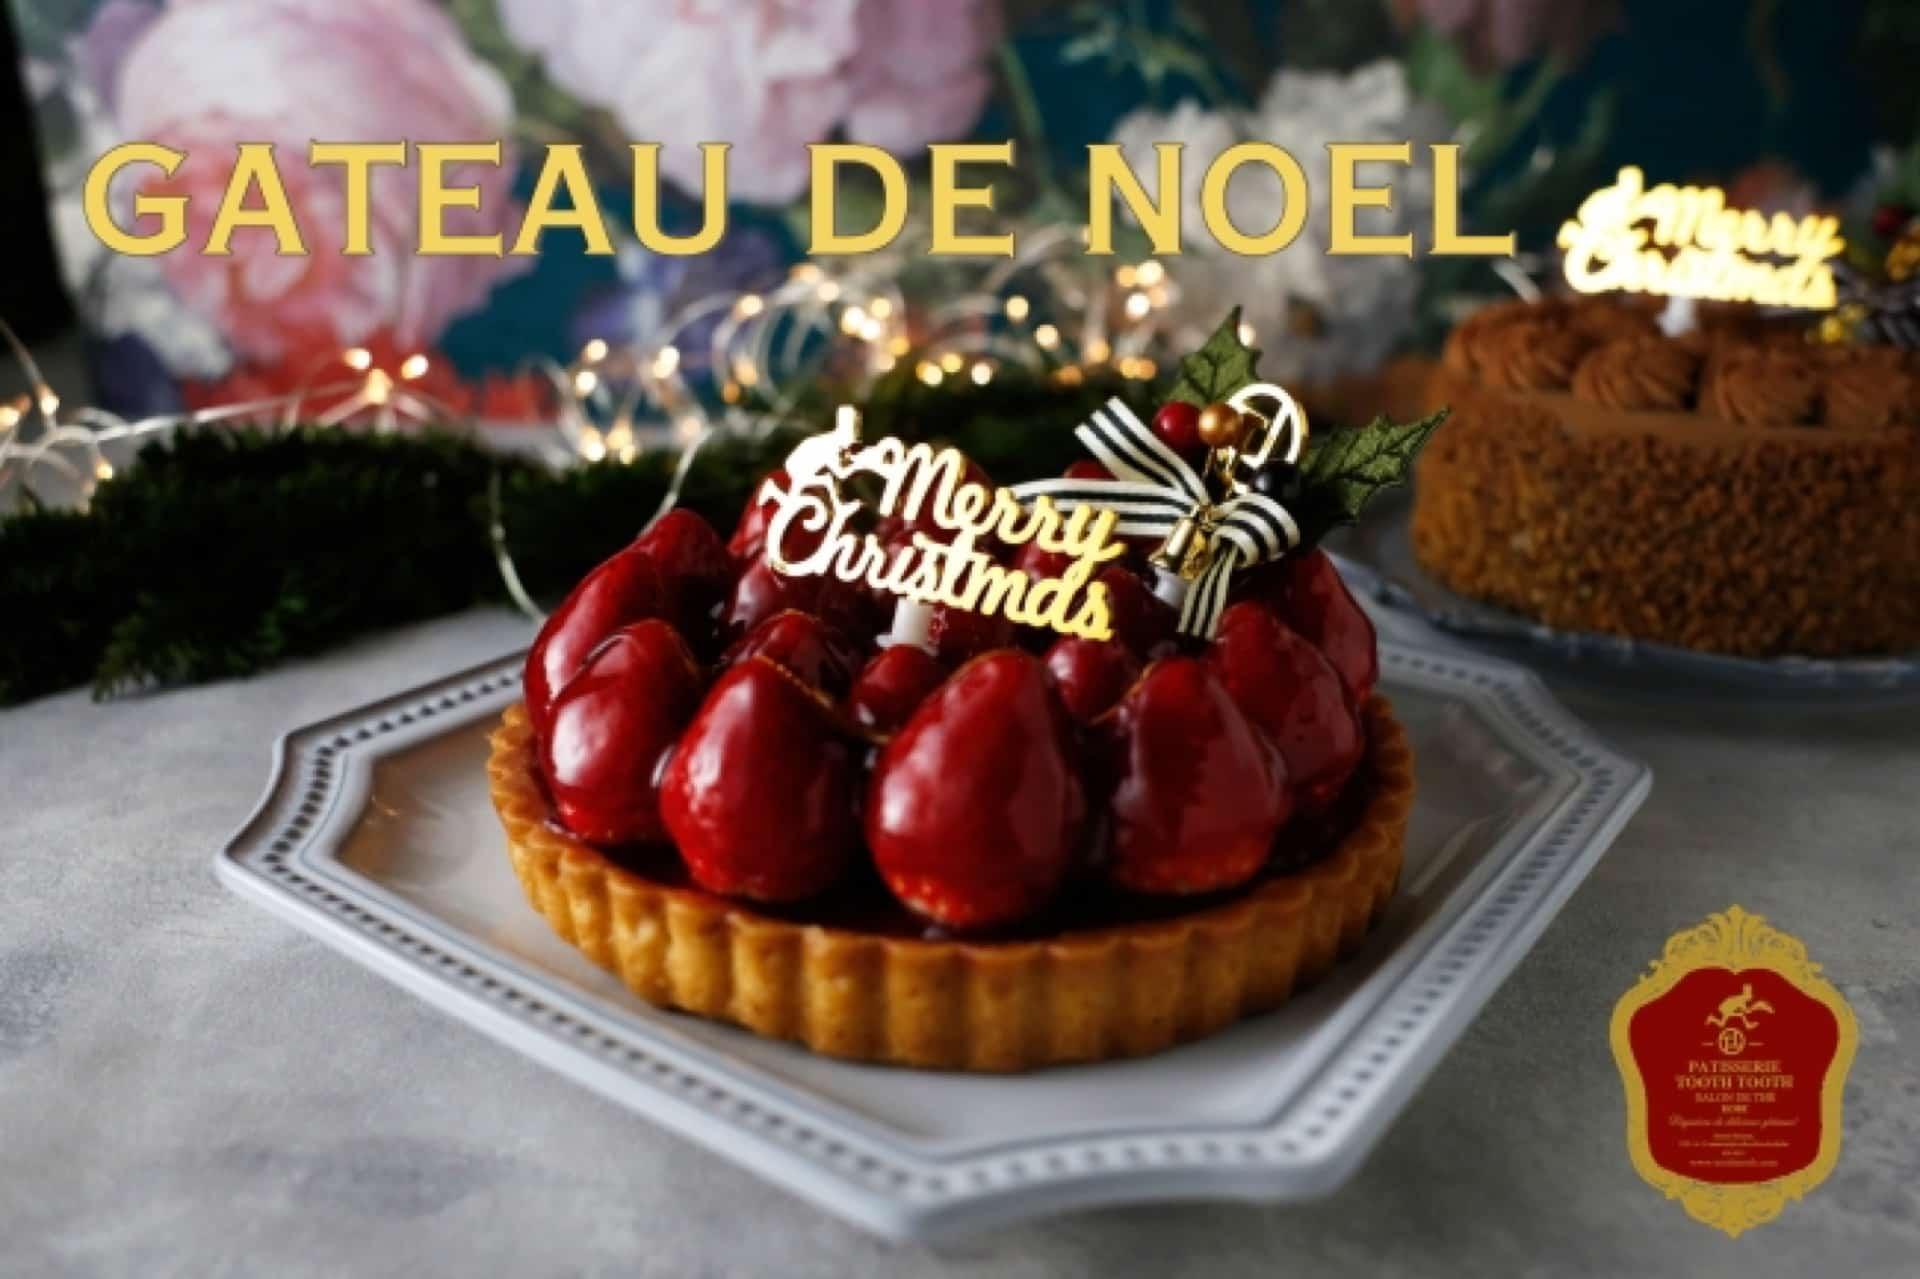 【2019年】トゥーストゥースのクリスマスケーキ予約開始!種類・値段をチェック✔️